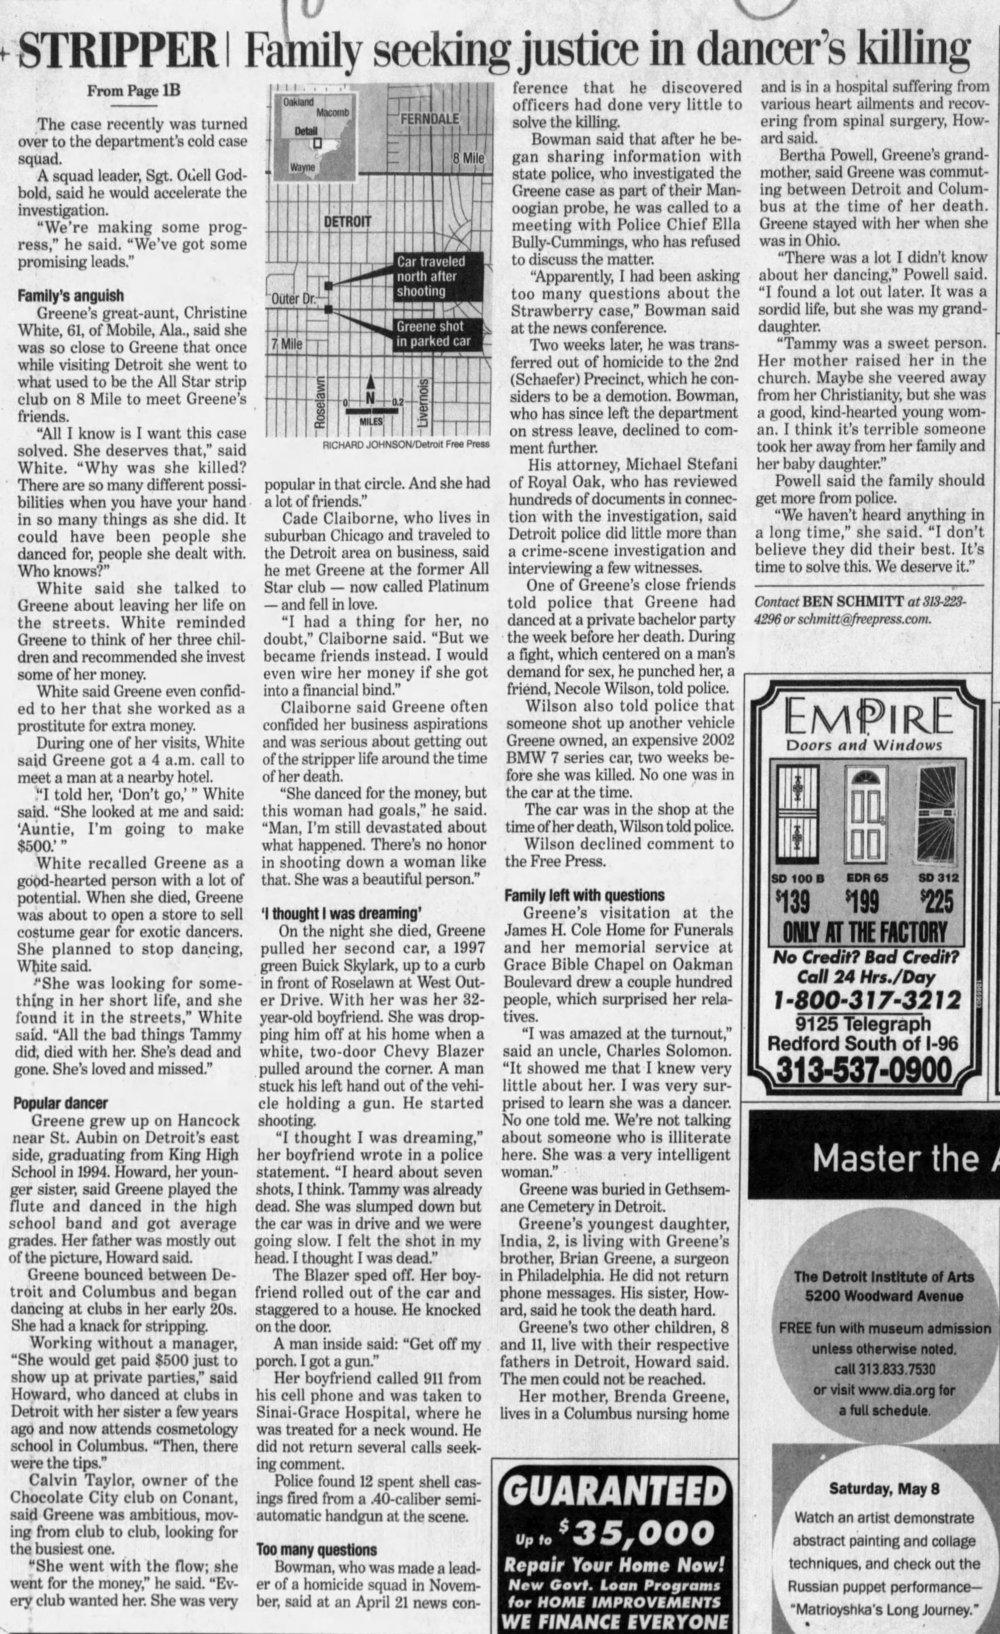 Detroit_Free_Press_Wed__May_5__2004_ (1).jpg